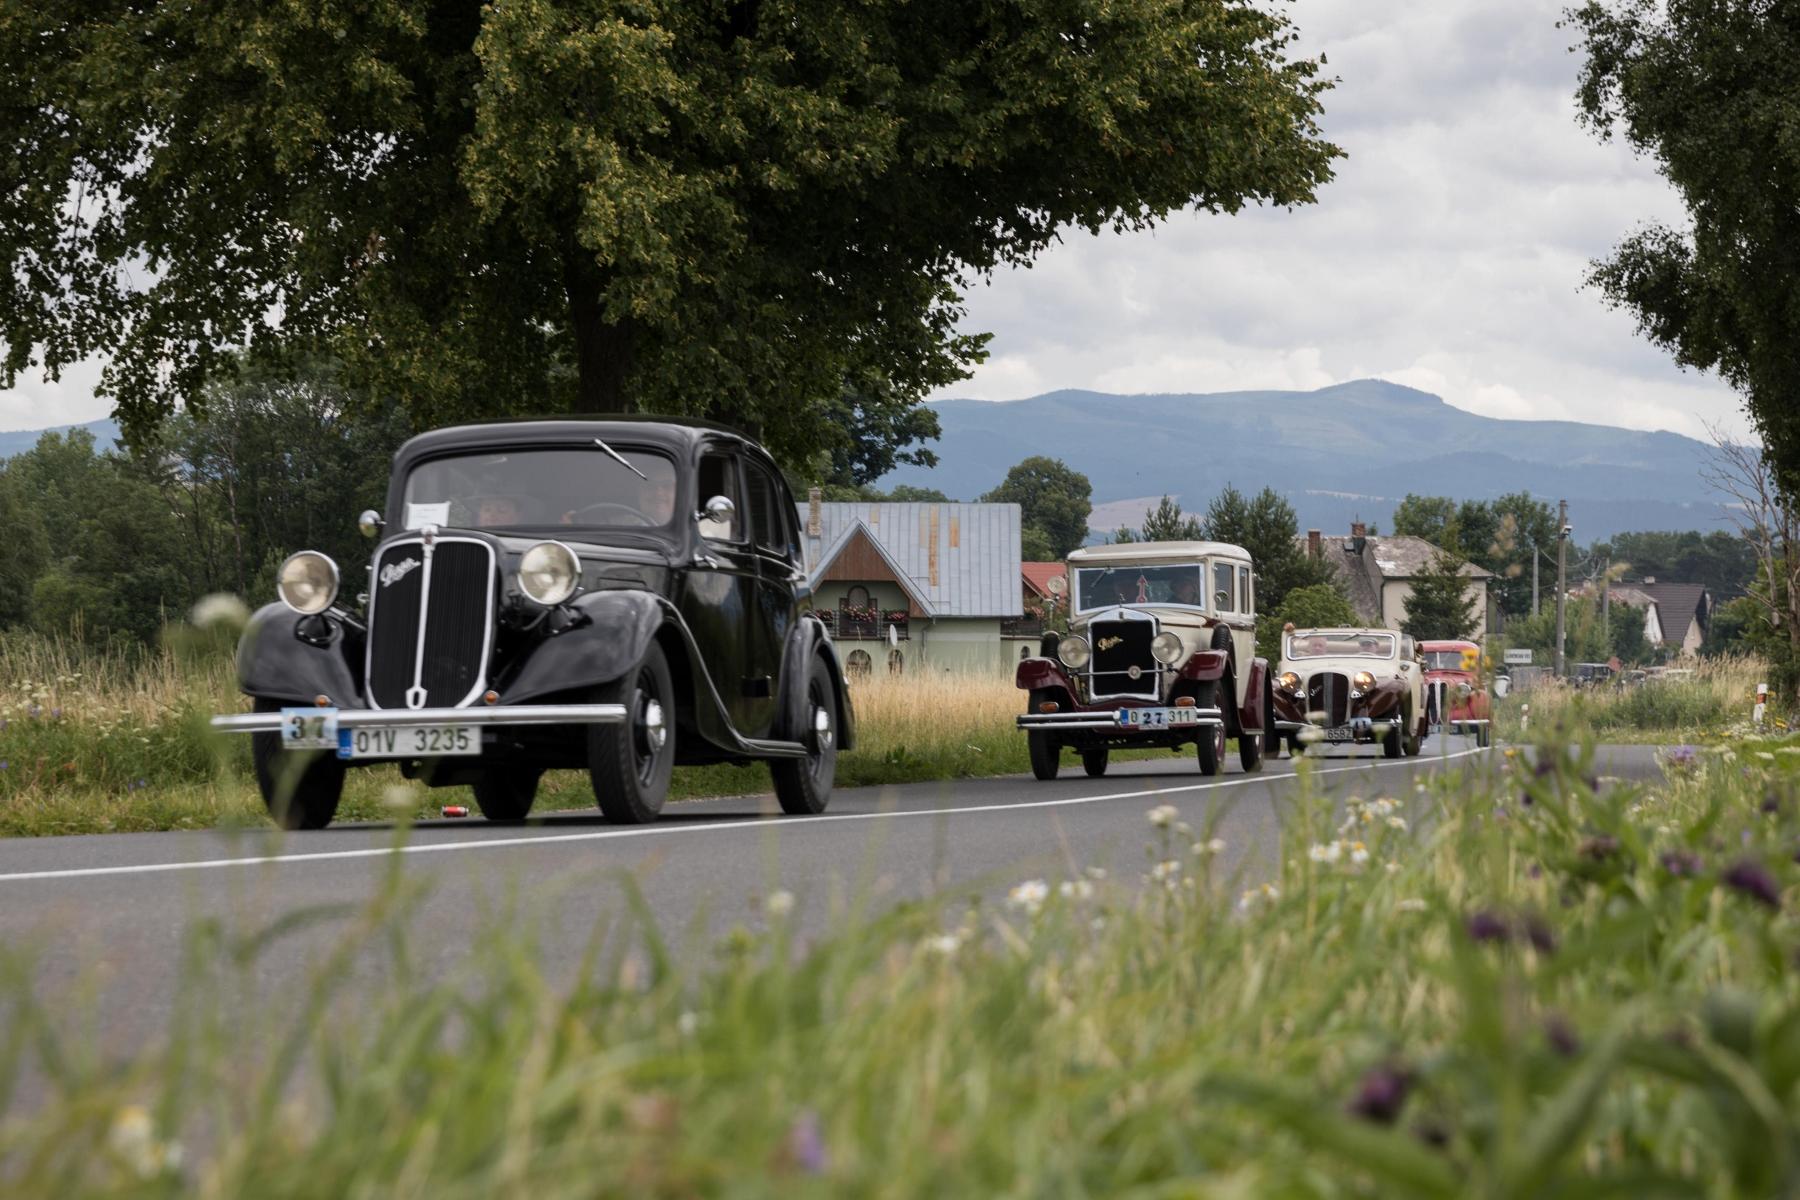 Tatranský Oldtimer 2020: Pozrite si podrobný itinerár a4AOExNdmW mladon-1-3108-1800x1200